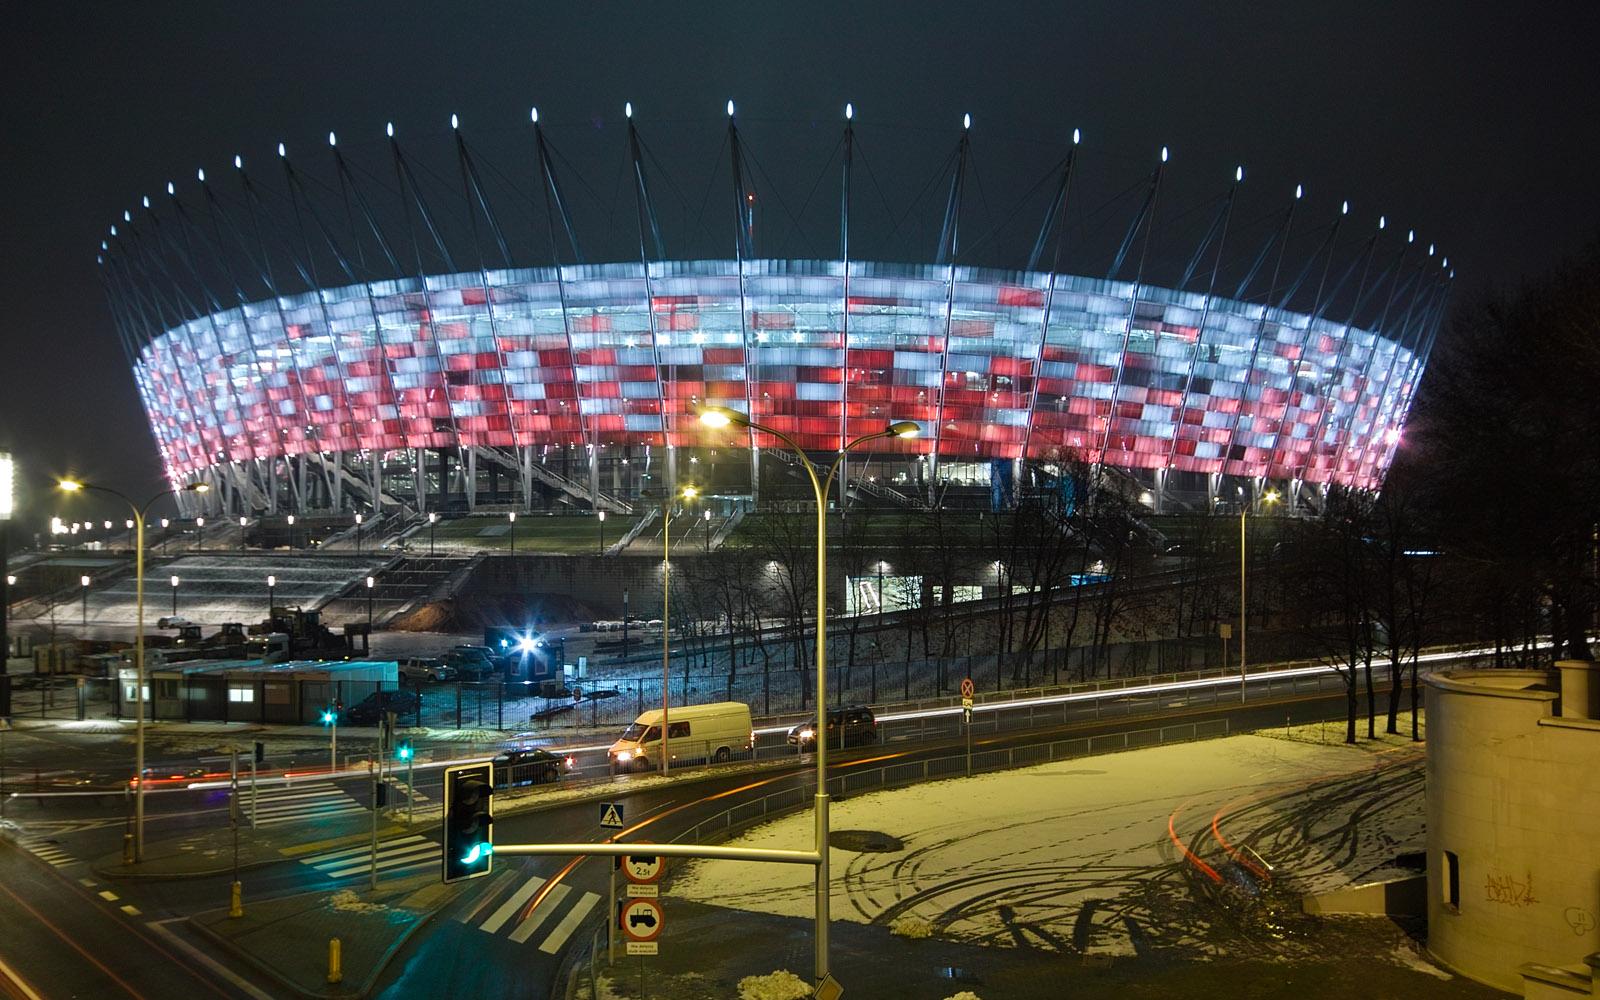 Чемпионат мира по секу в варшаве 2003 смотреть 16 фотография